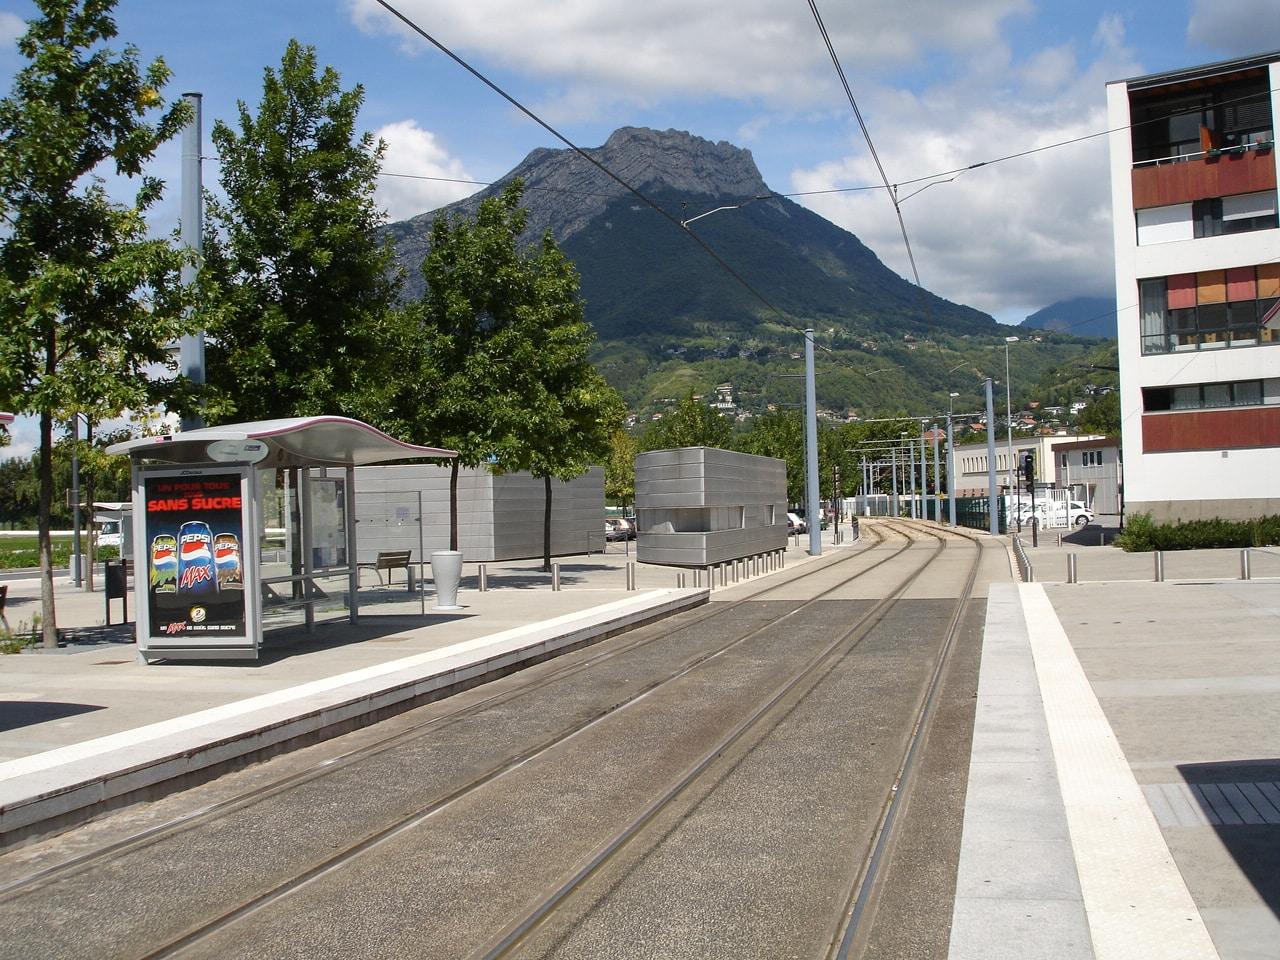 Extension de la ligne B sur la presqu'île de Grenoble